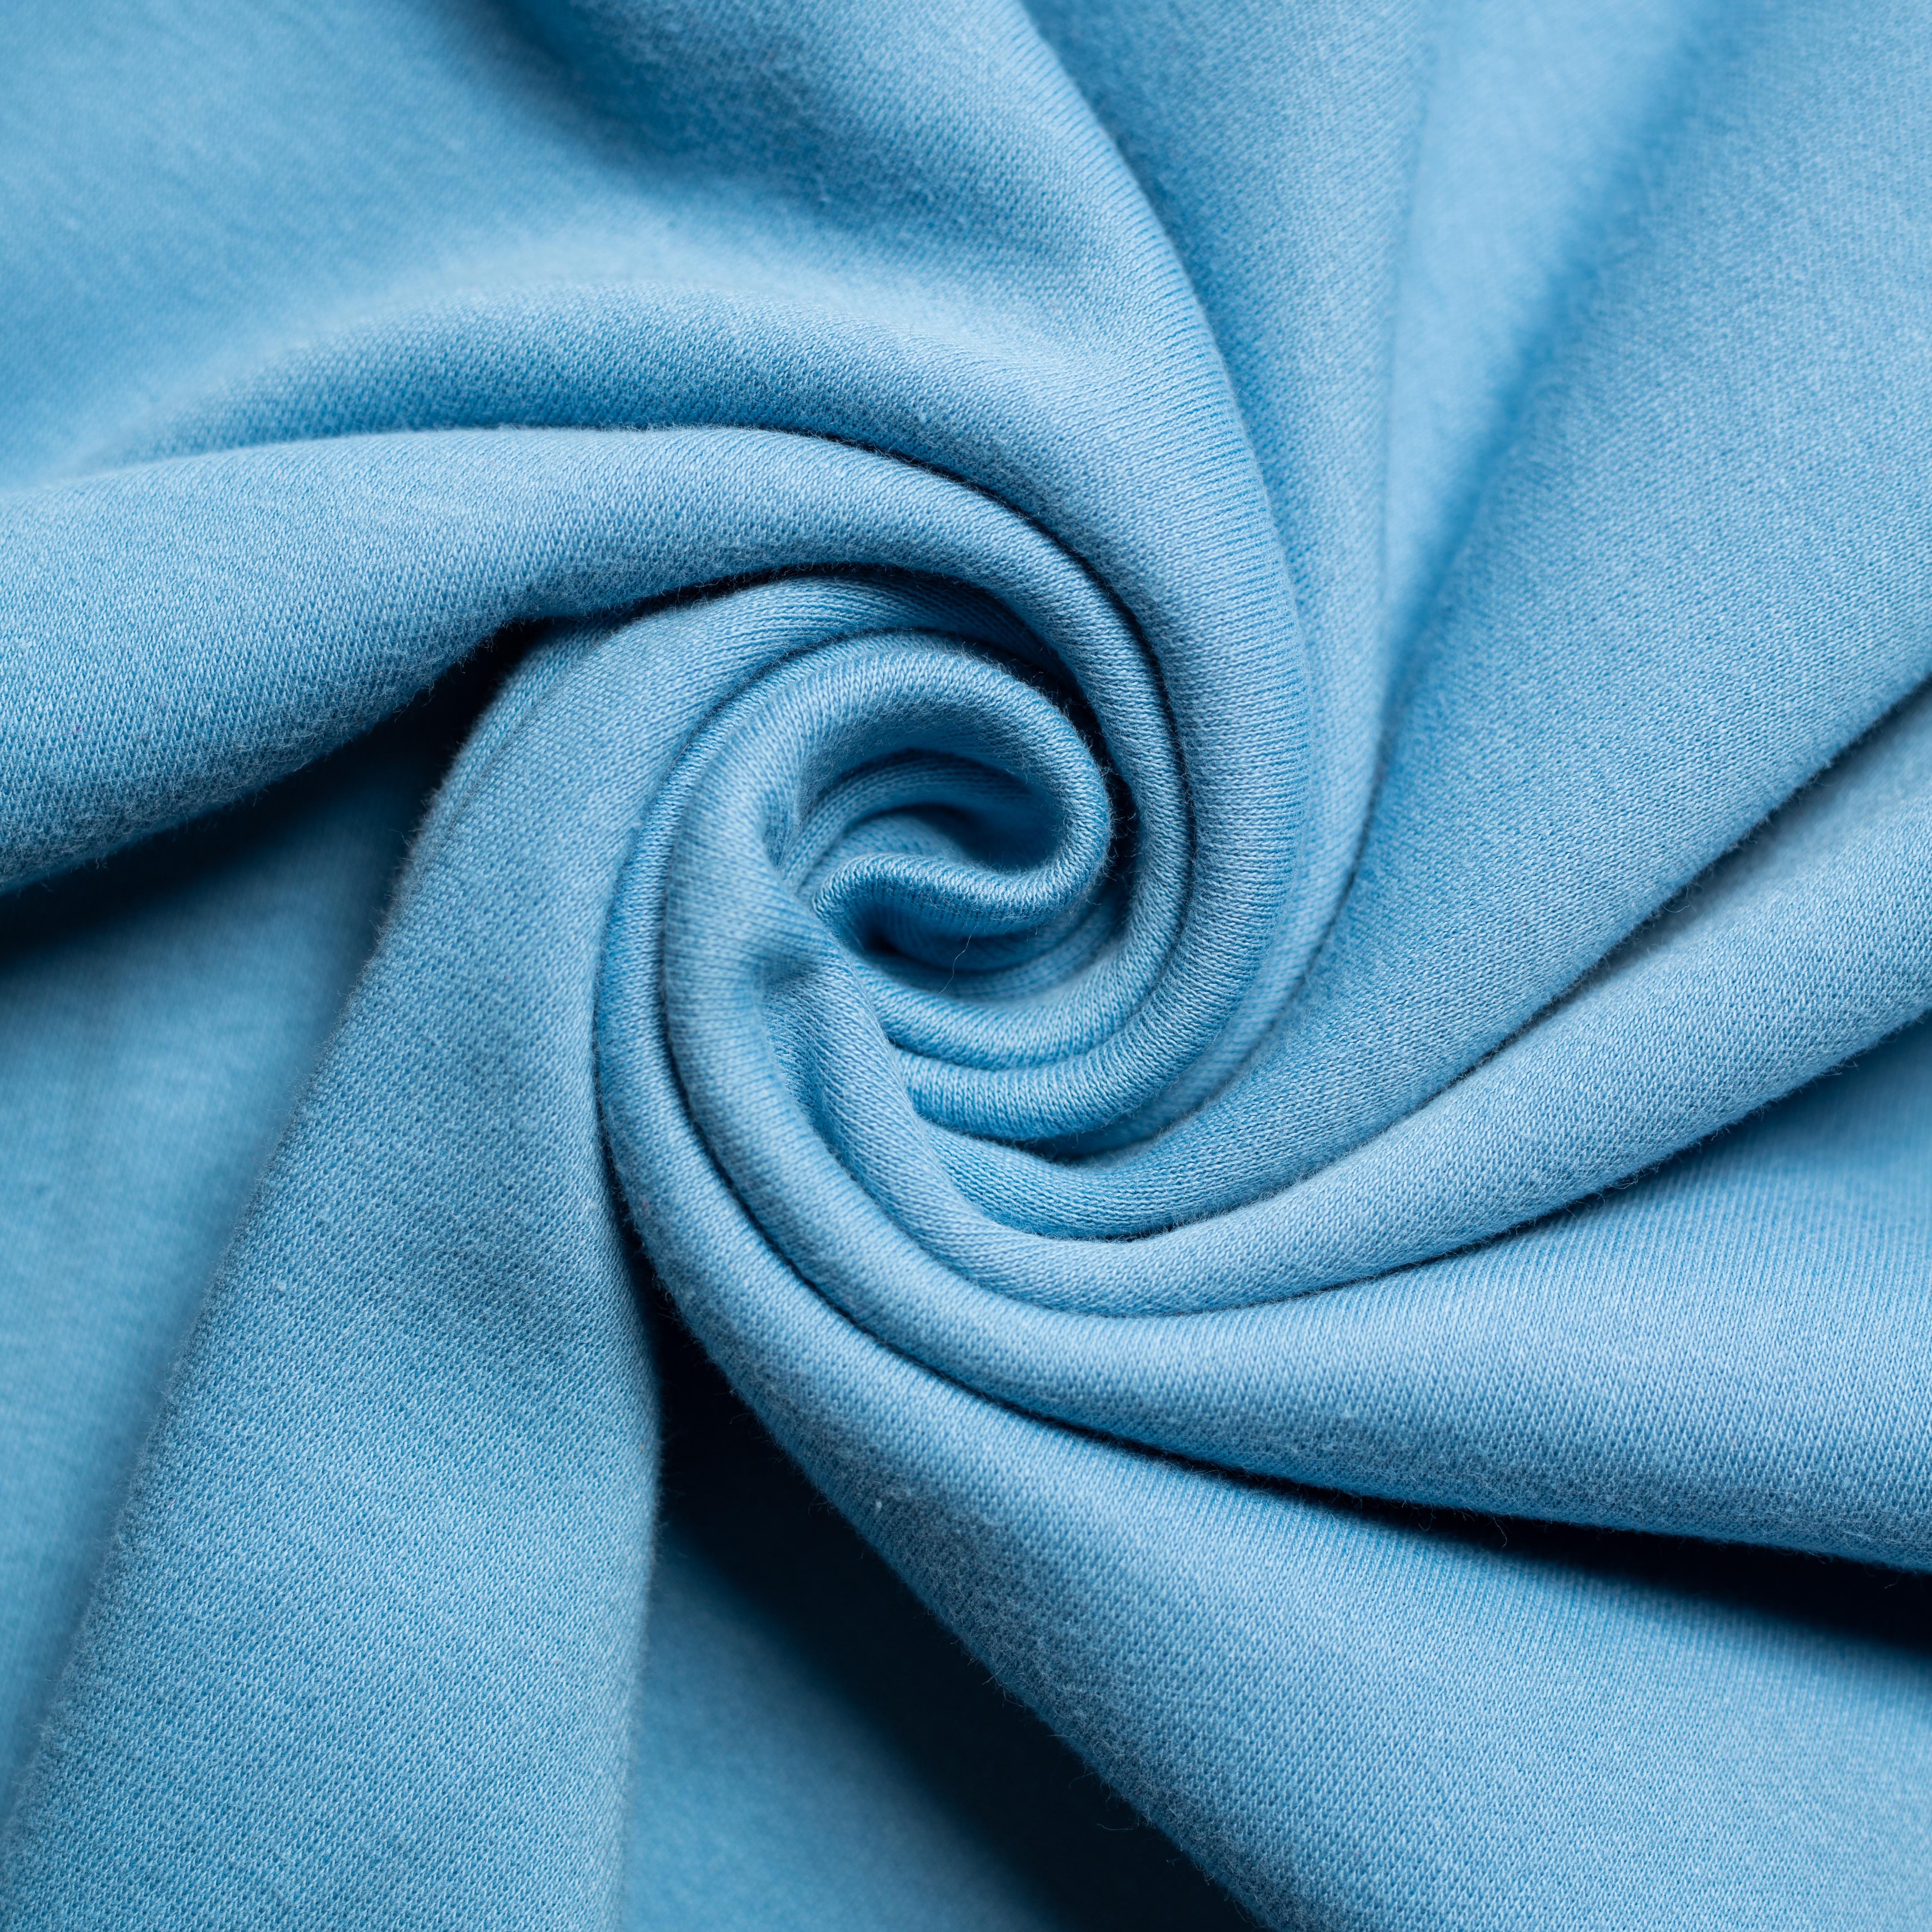 Periwinkle Solid Interlock Knit